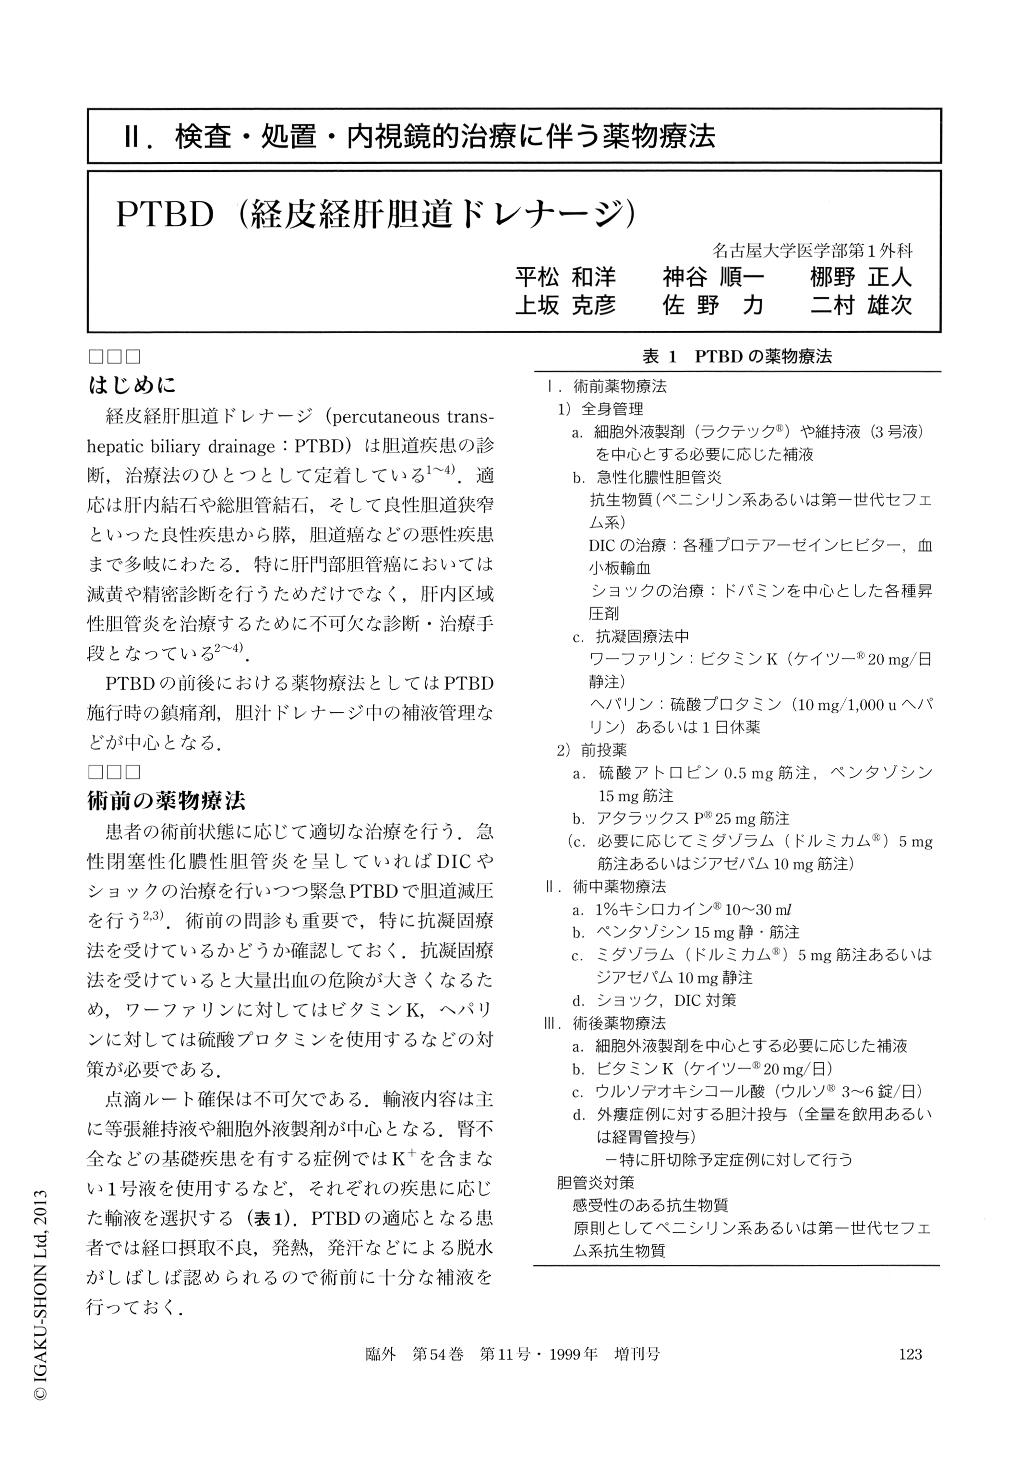 経 経 ドレナージ 道 皮 肝胆